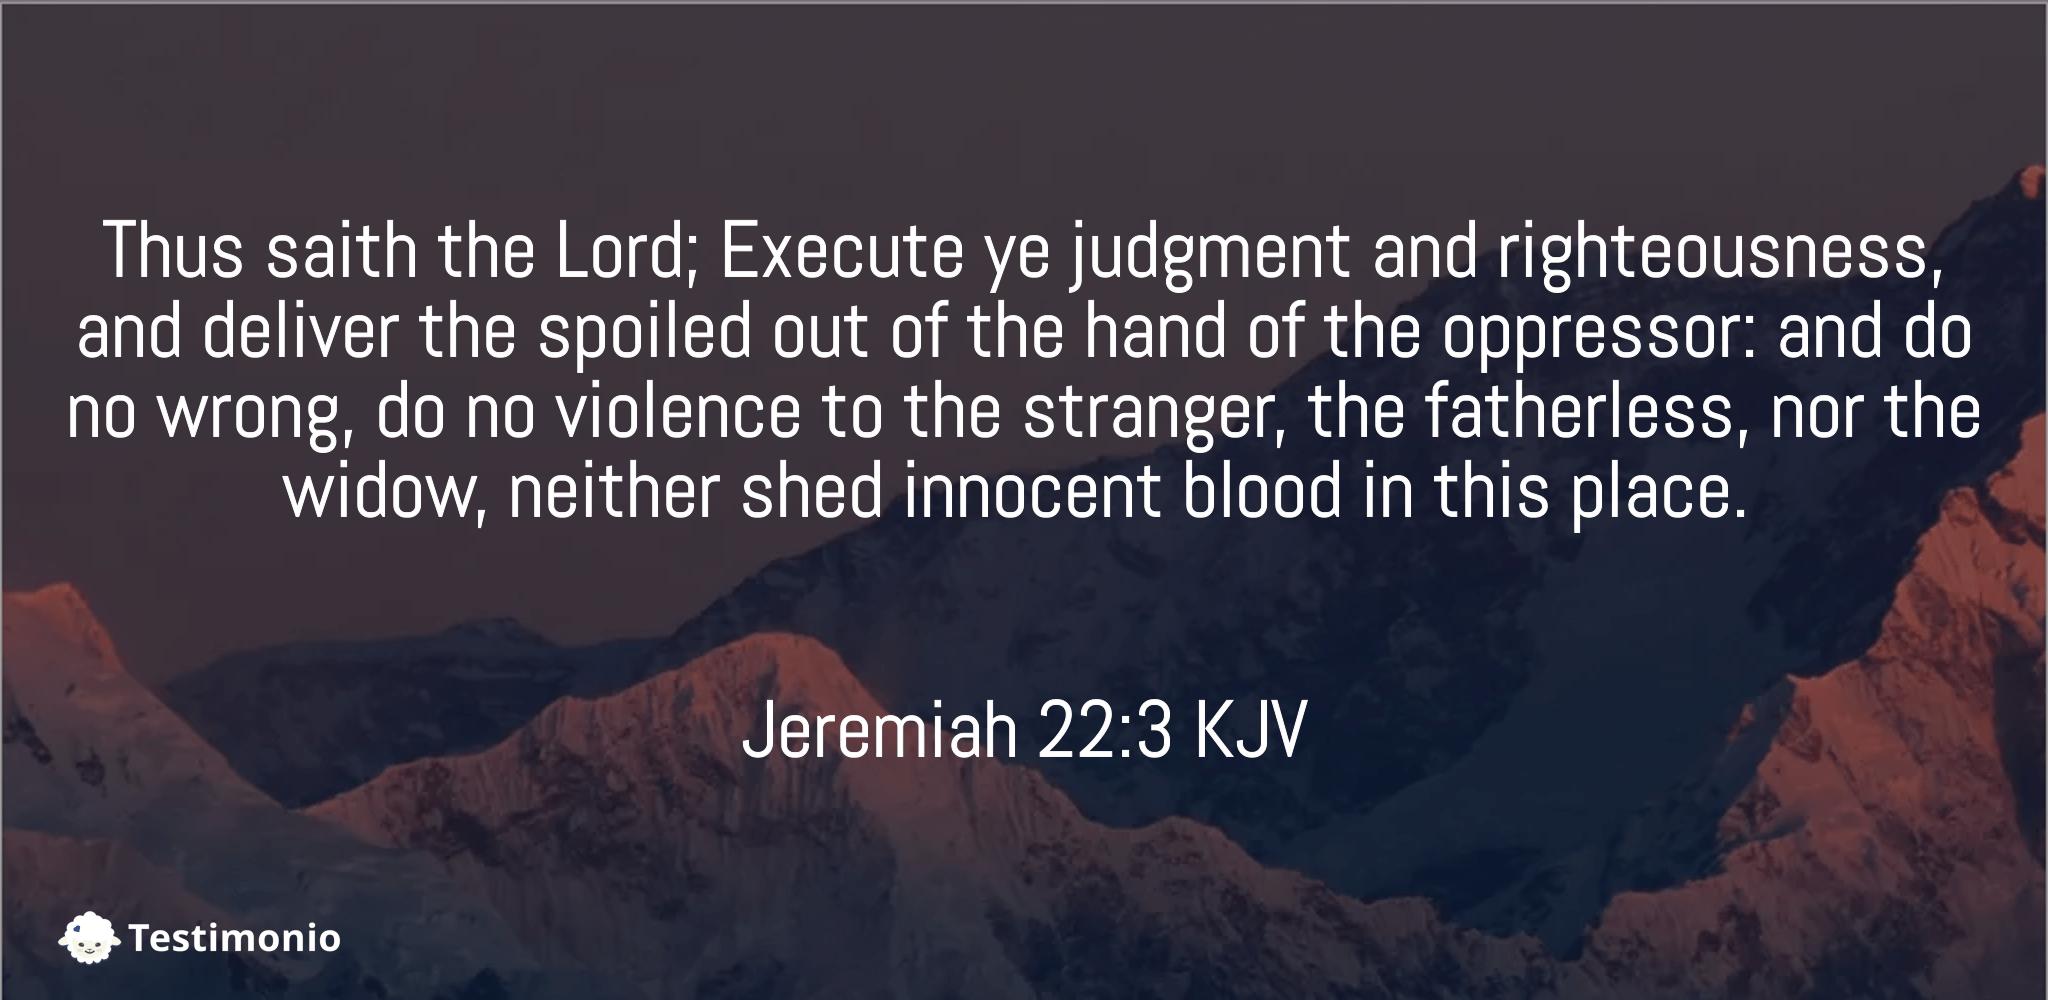 Jeremiah 22:3